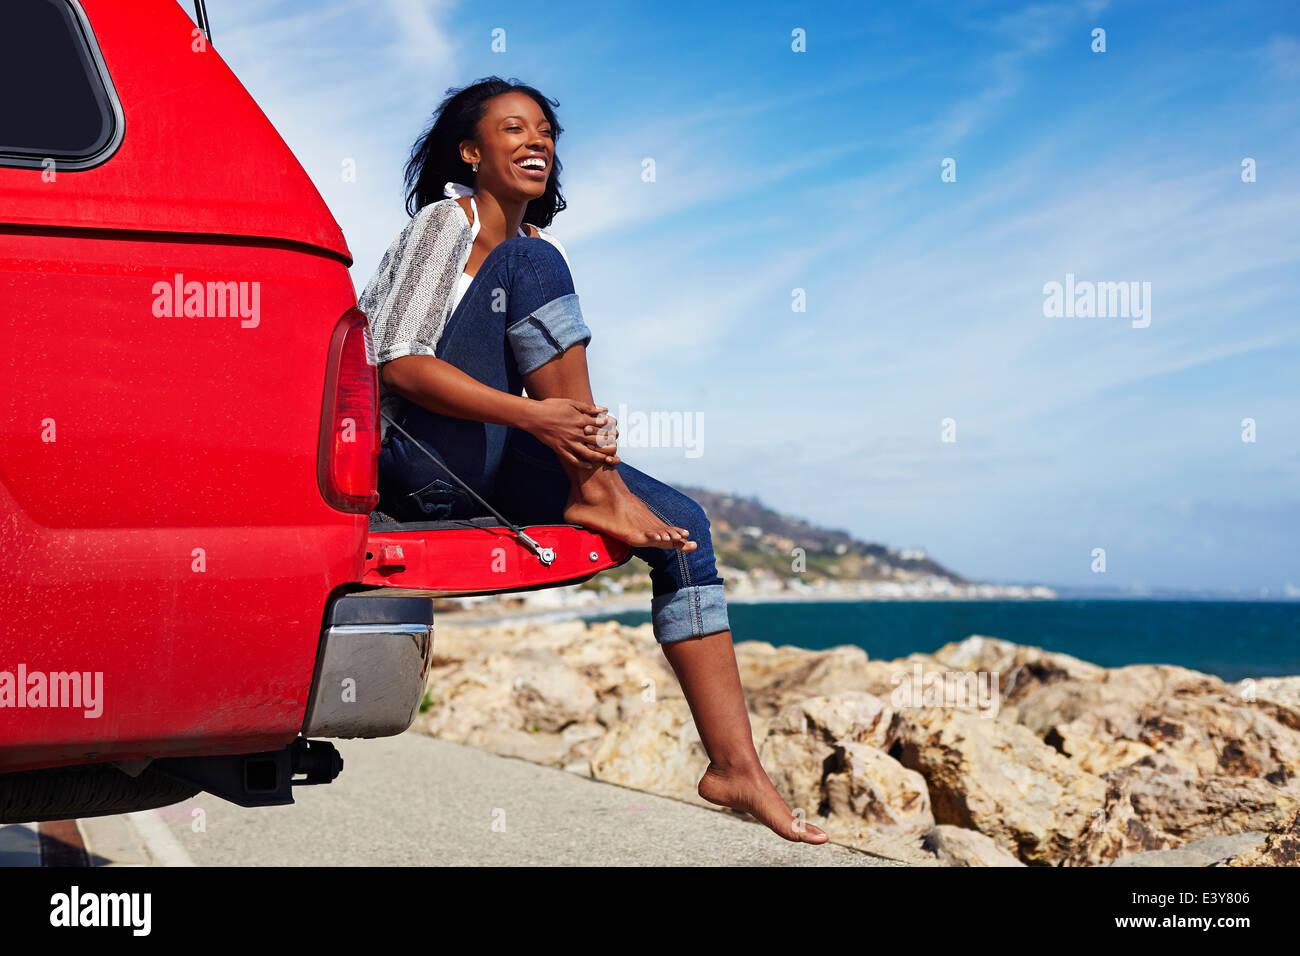 Mujer joven sentado en coche campana, Malibu, California, EE.UU. Imagen De Stock